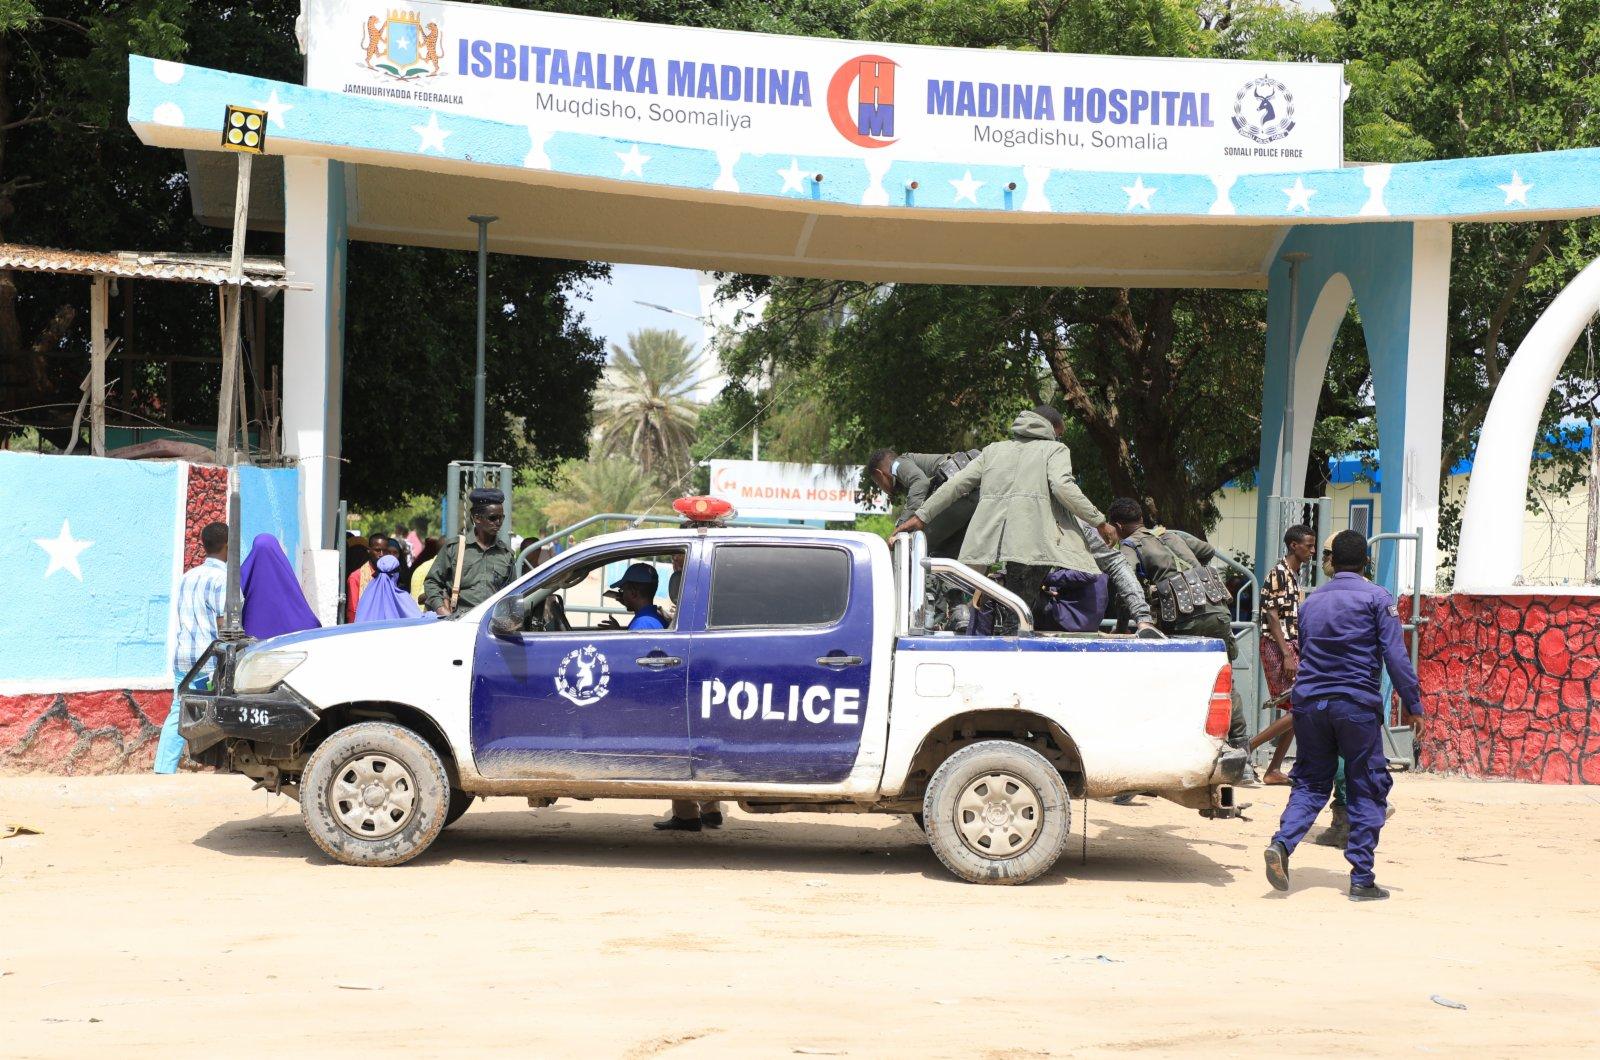 6月15日,一輛警車抵達索馬里首都摩加迪沙的一所醫院。(新華社)